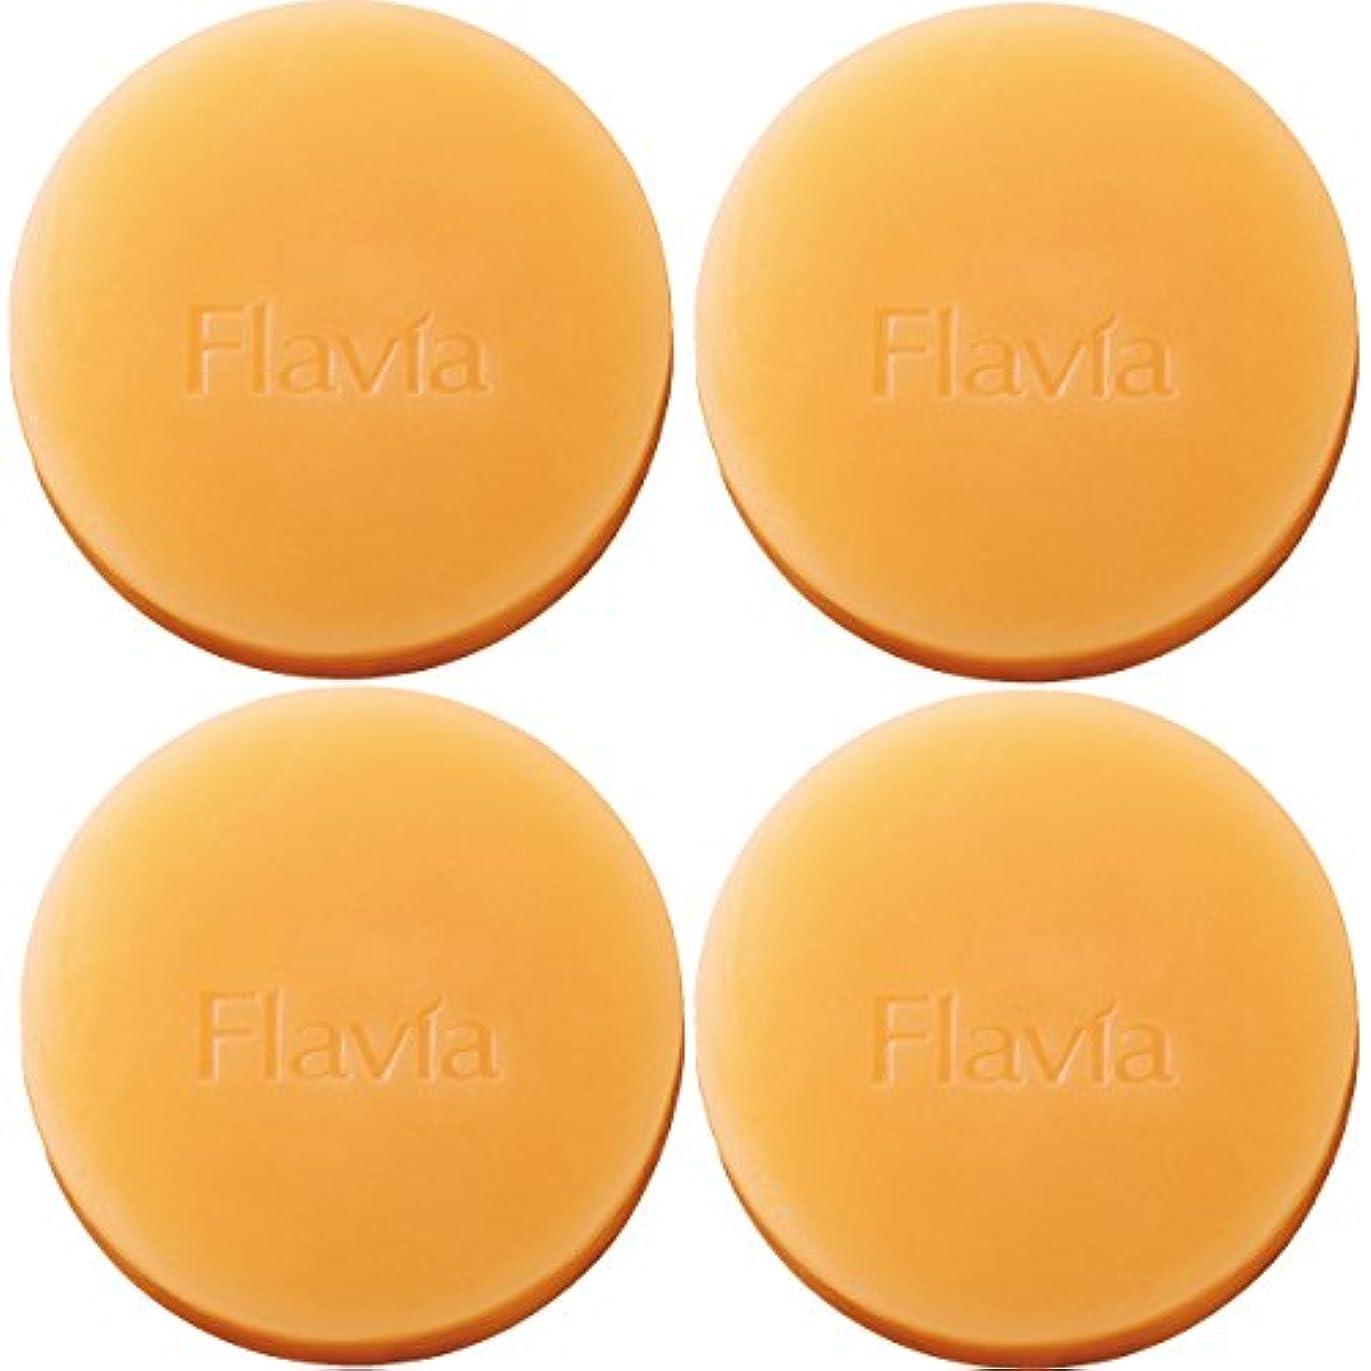 バイソン戦う製油所フォーマルクライン 薬用 フラビア ソープ 4個セット(夜用2個×2セット) 洗顔 石けん